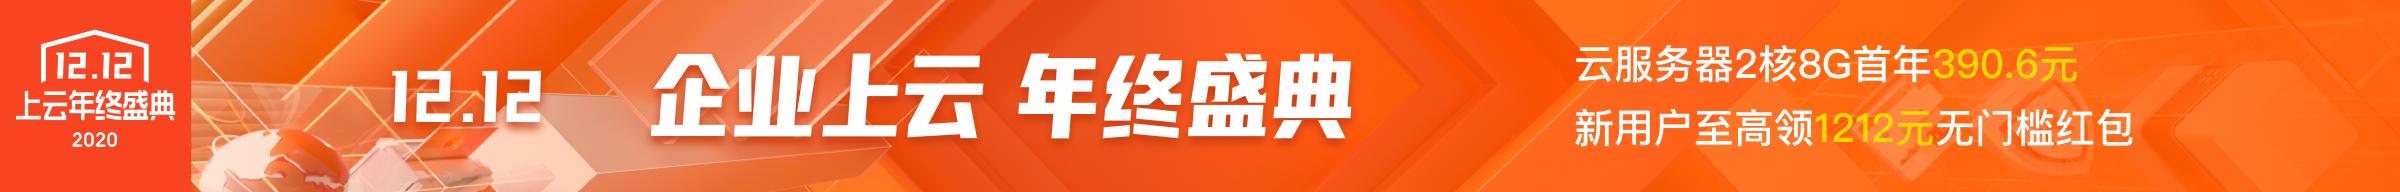 当前主题:浙江服务器安装